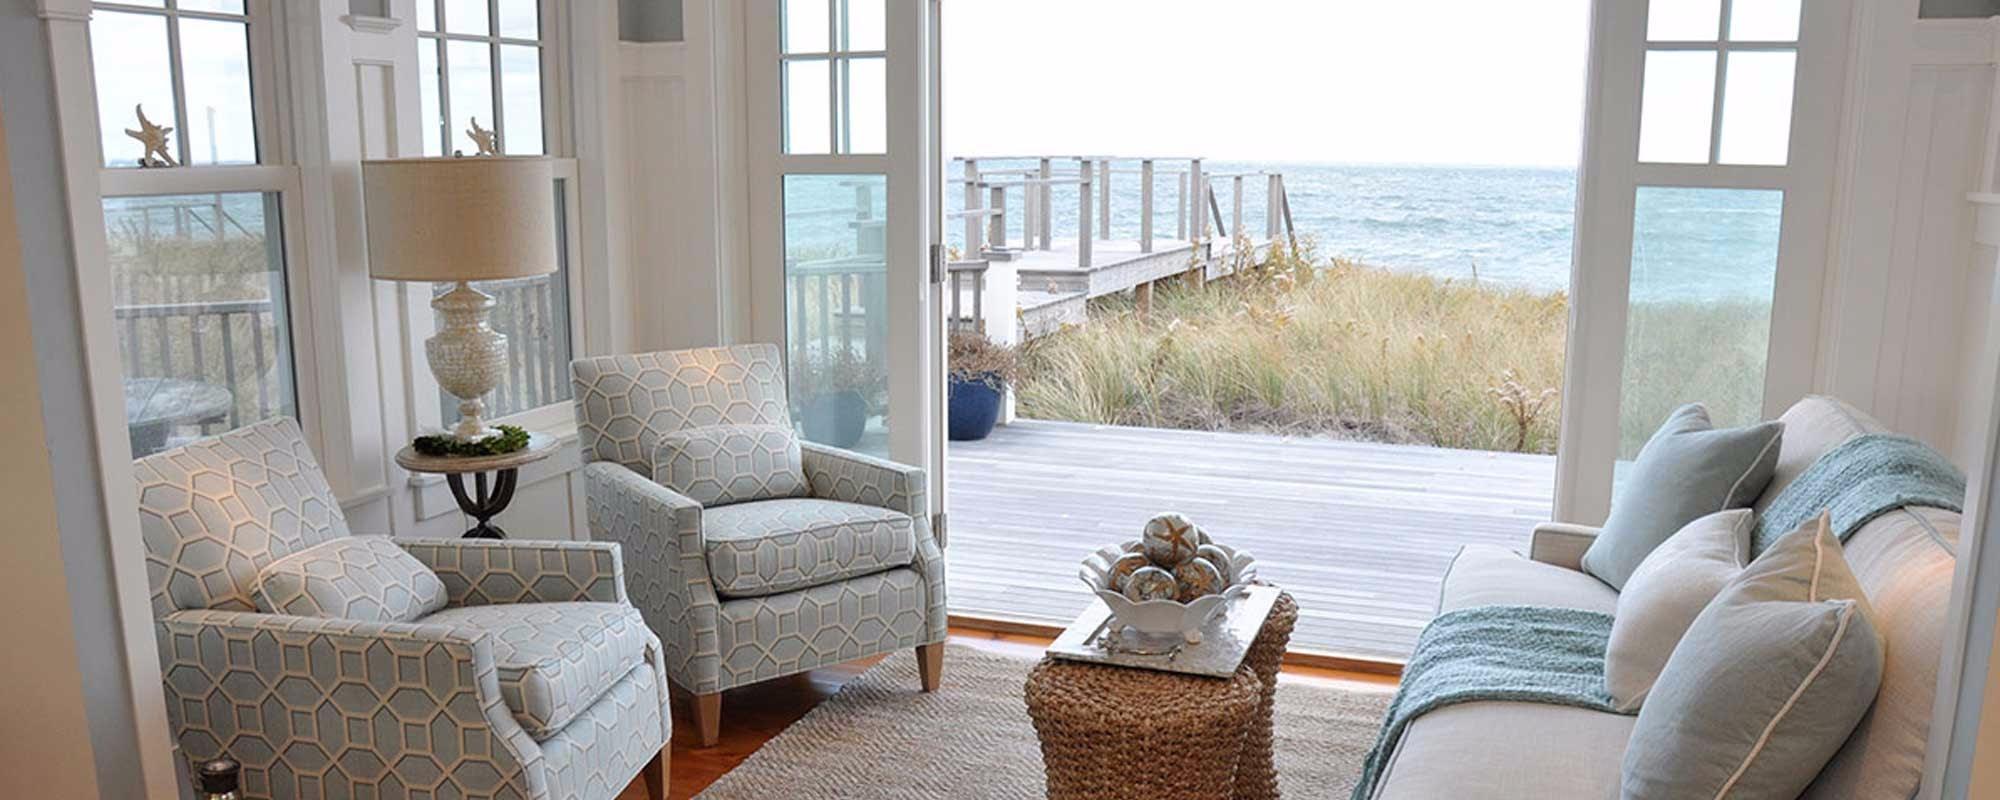 seaside interior design 2